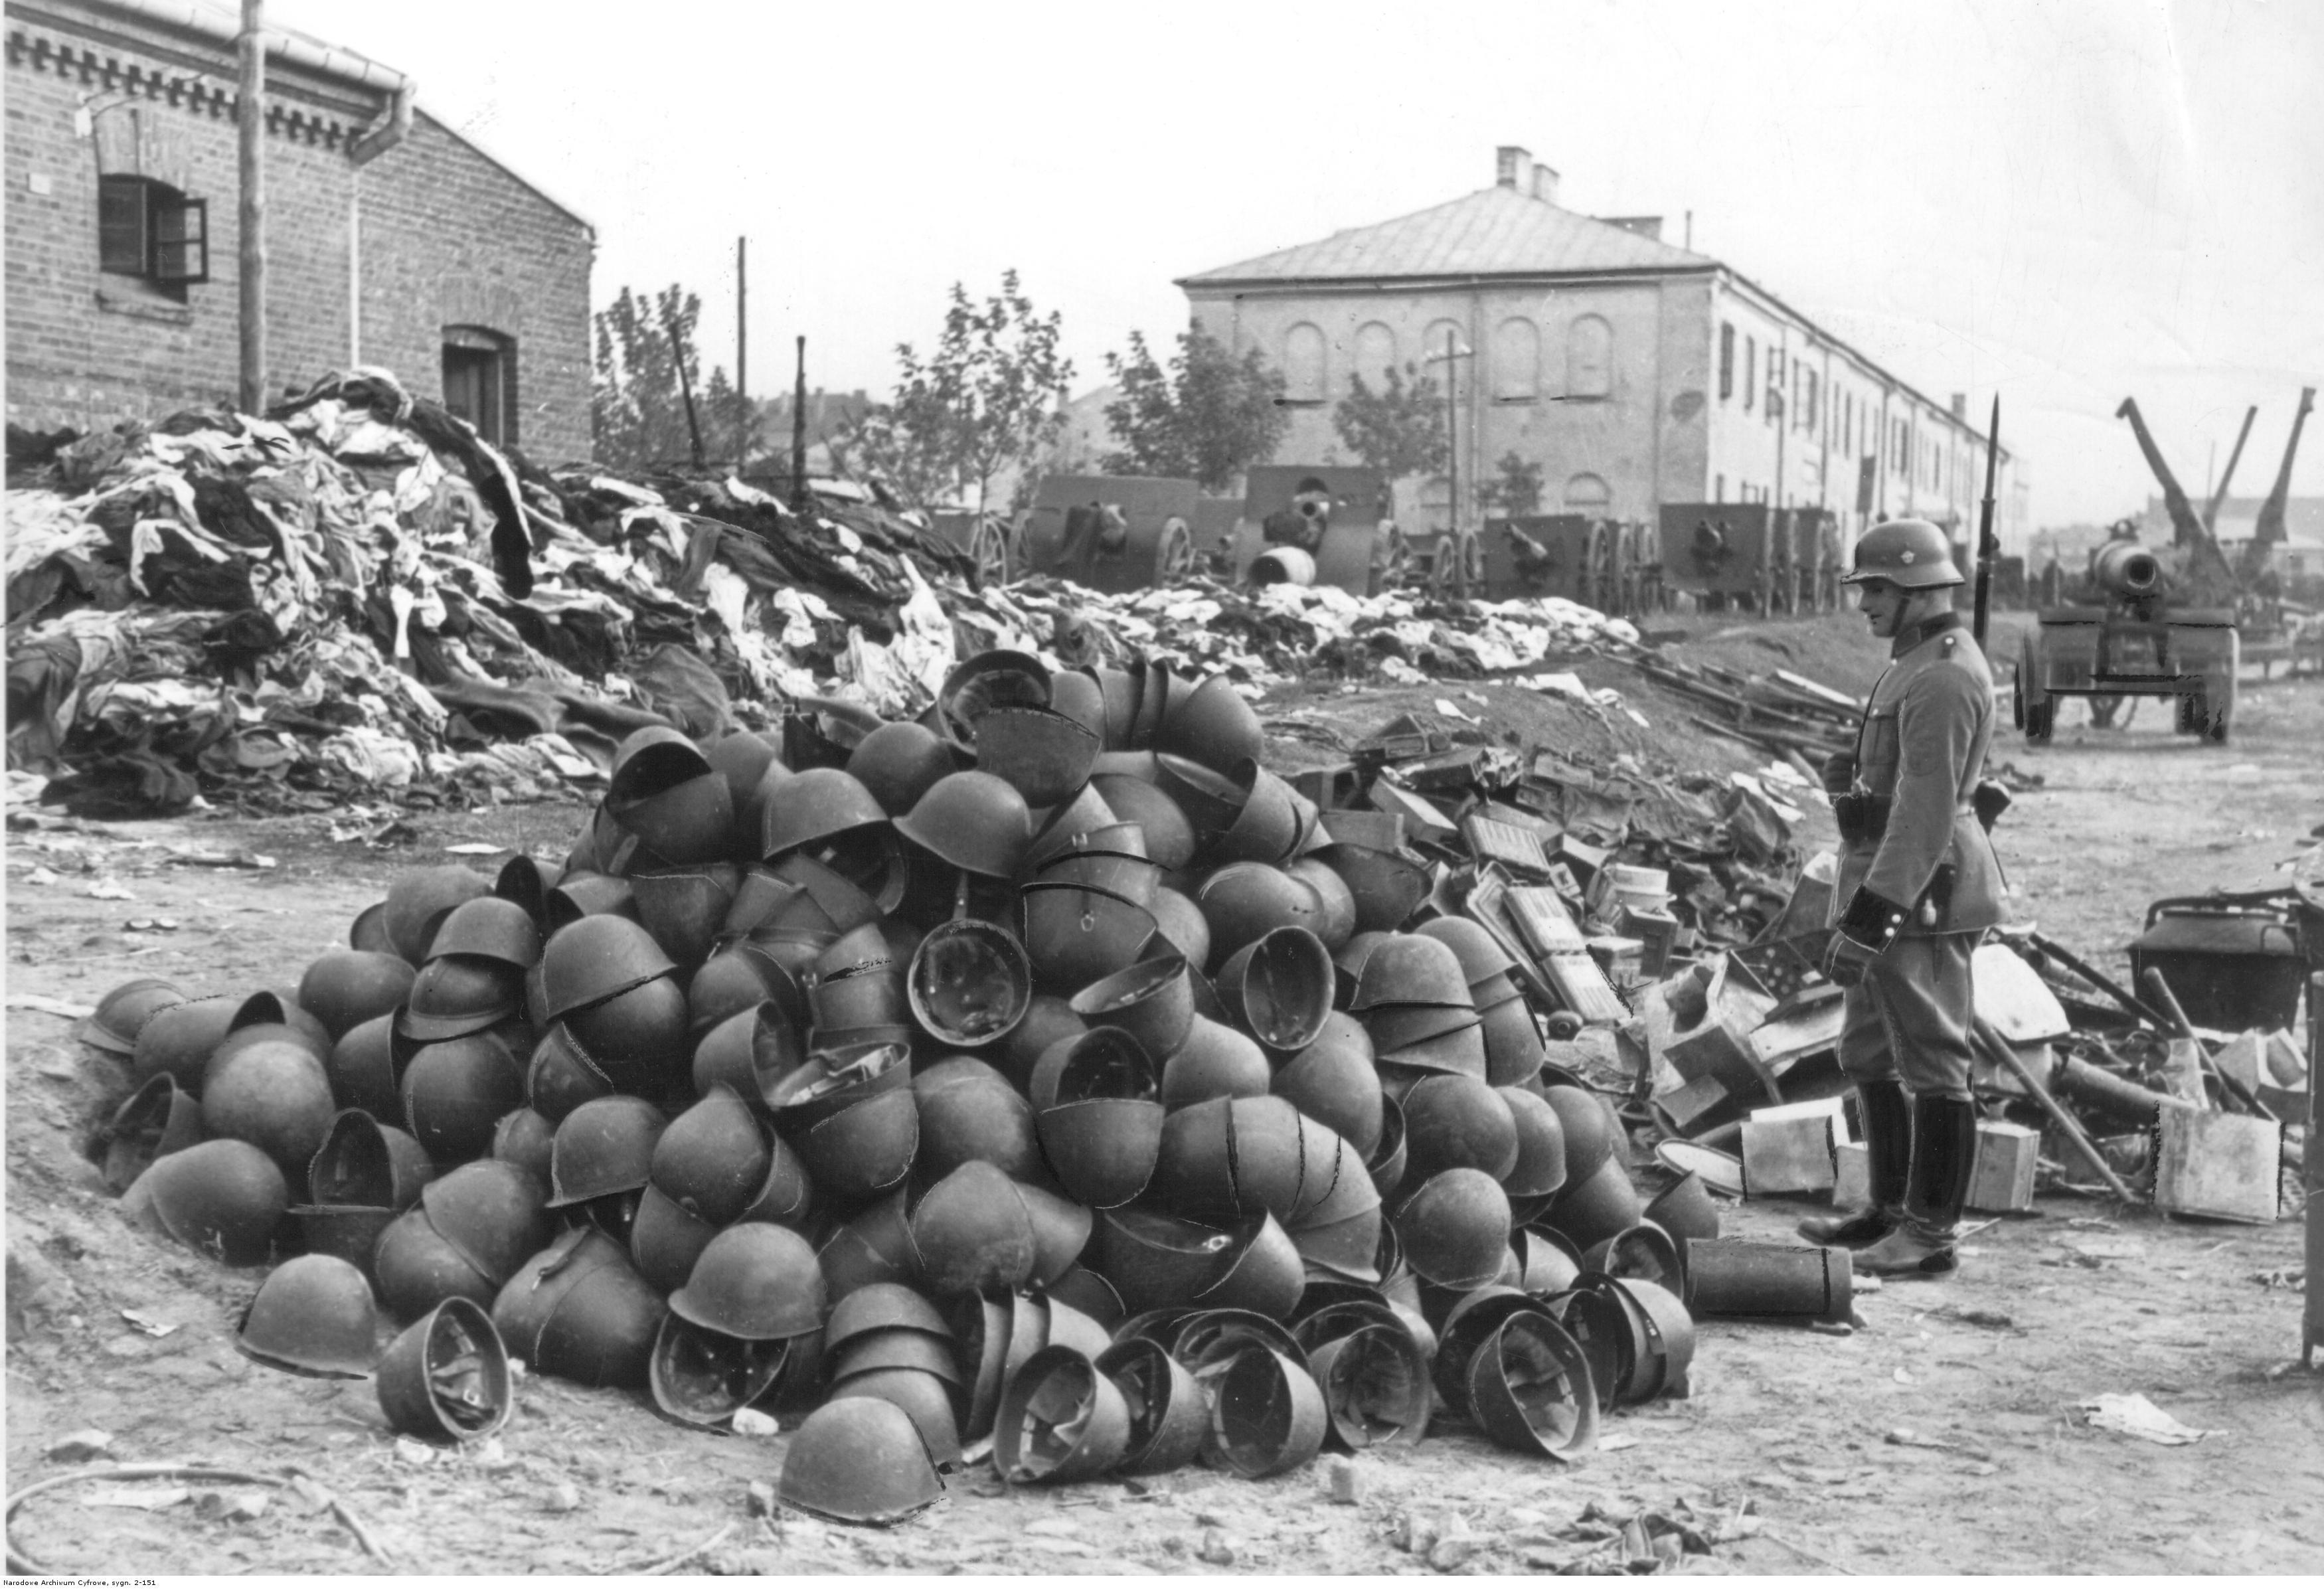 Round One - Ghetto Battle Weaponz